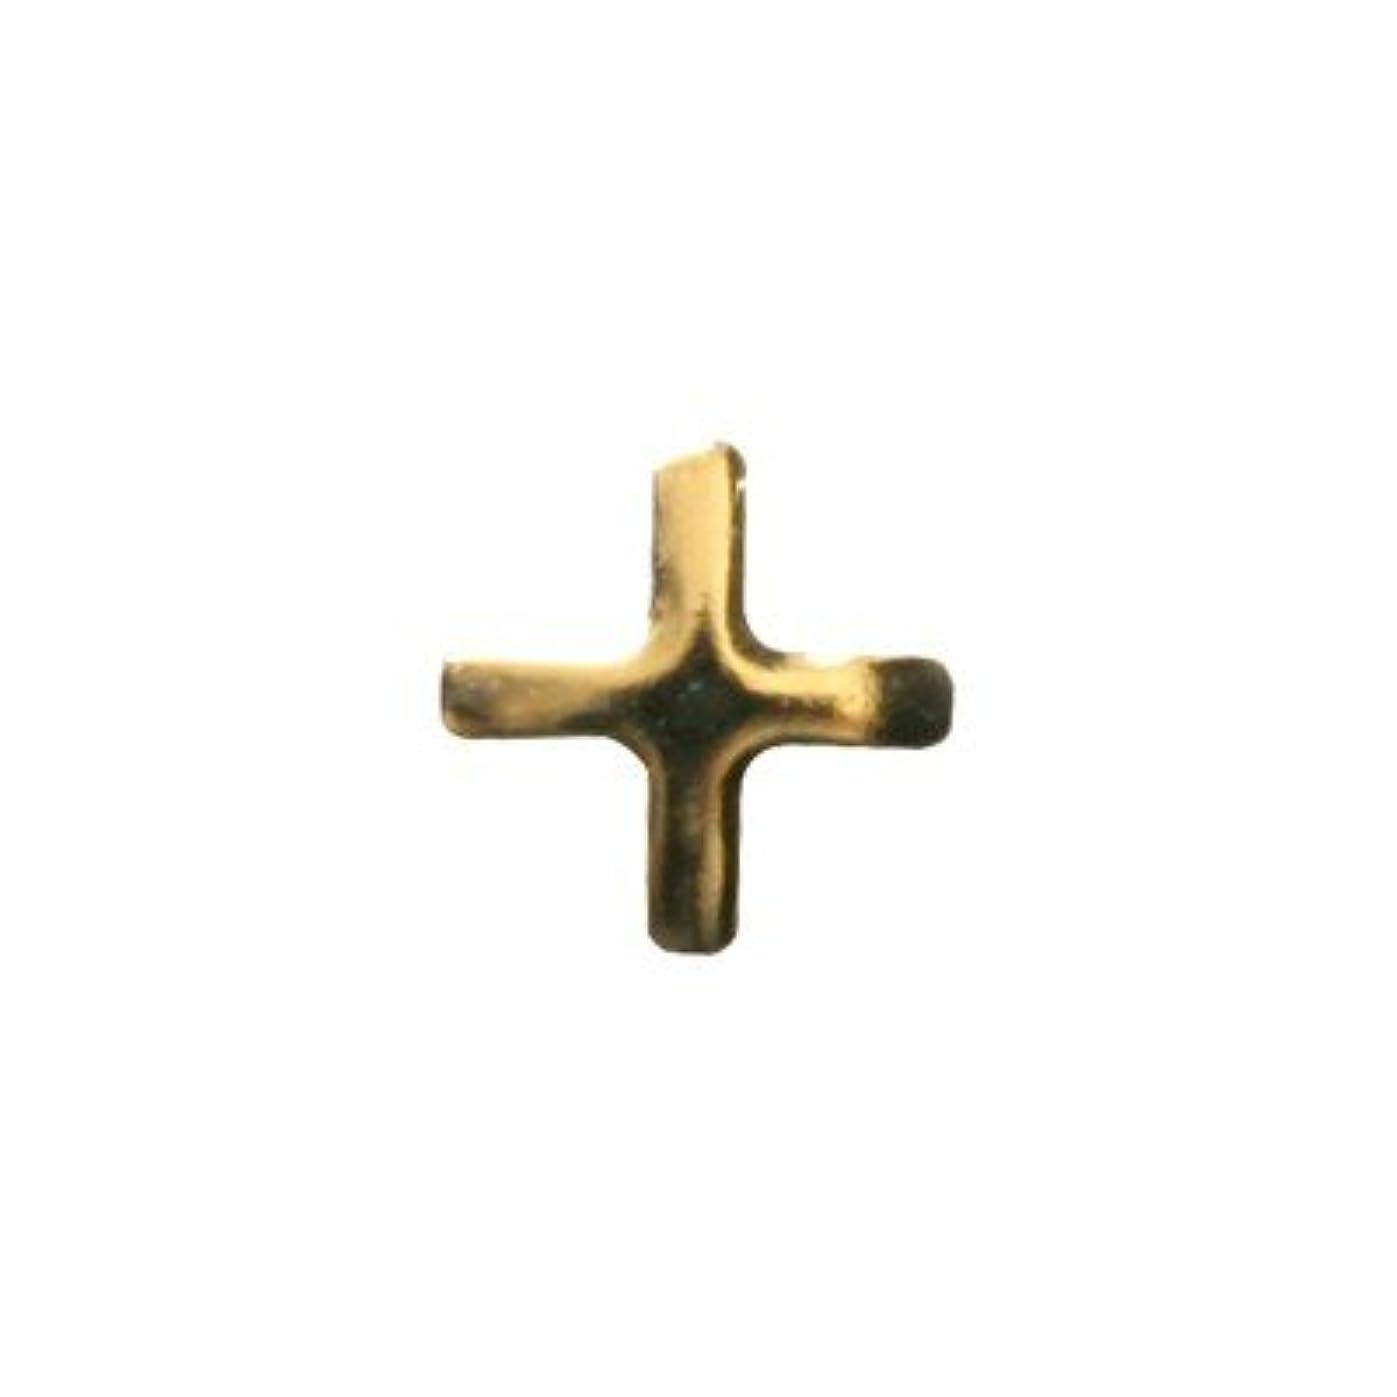 聖職者ビジュアル気怠いピアドラ スタッズ クロスレット ハーフ 3mm 50P ゴールド